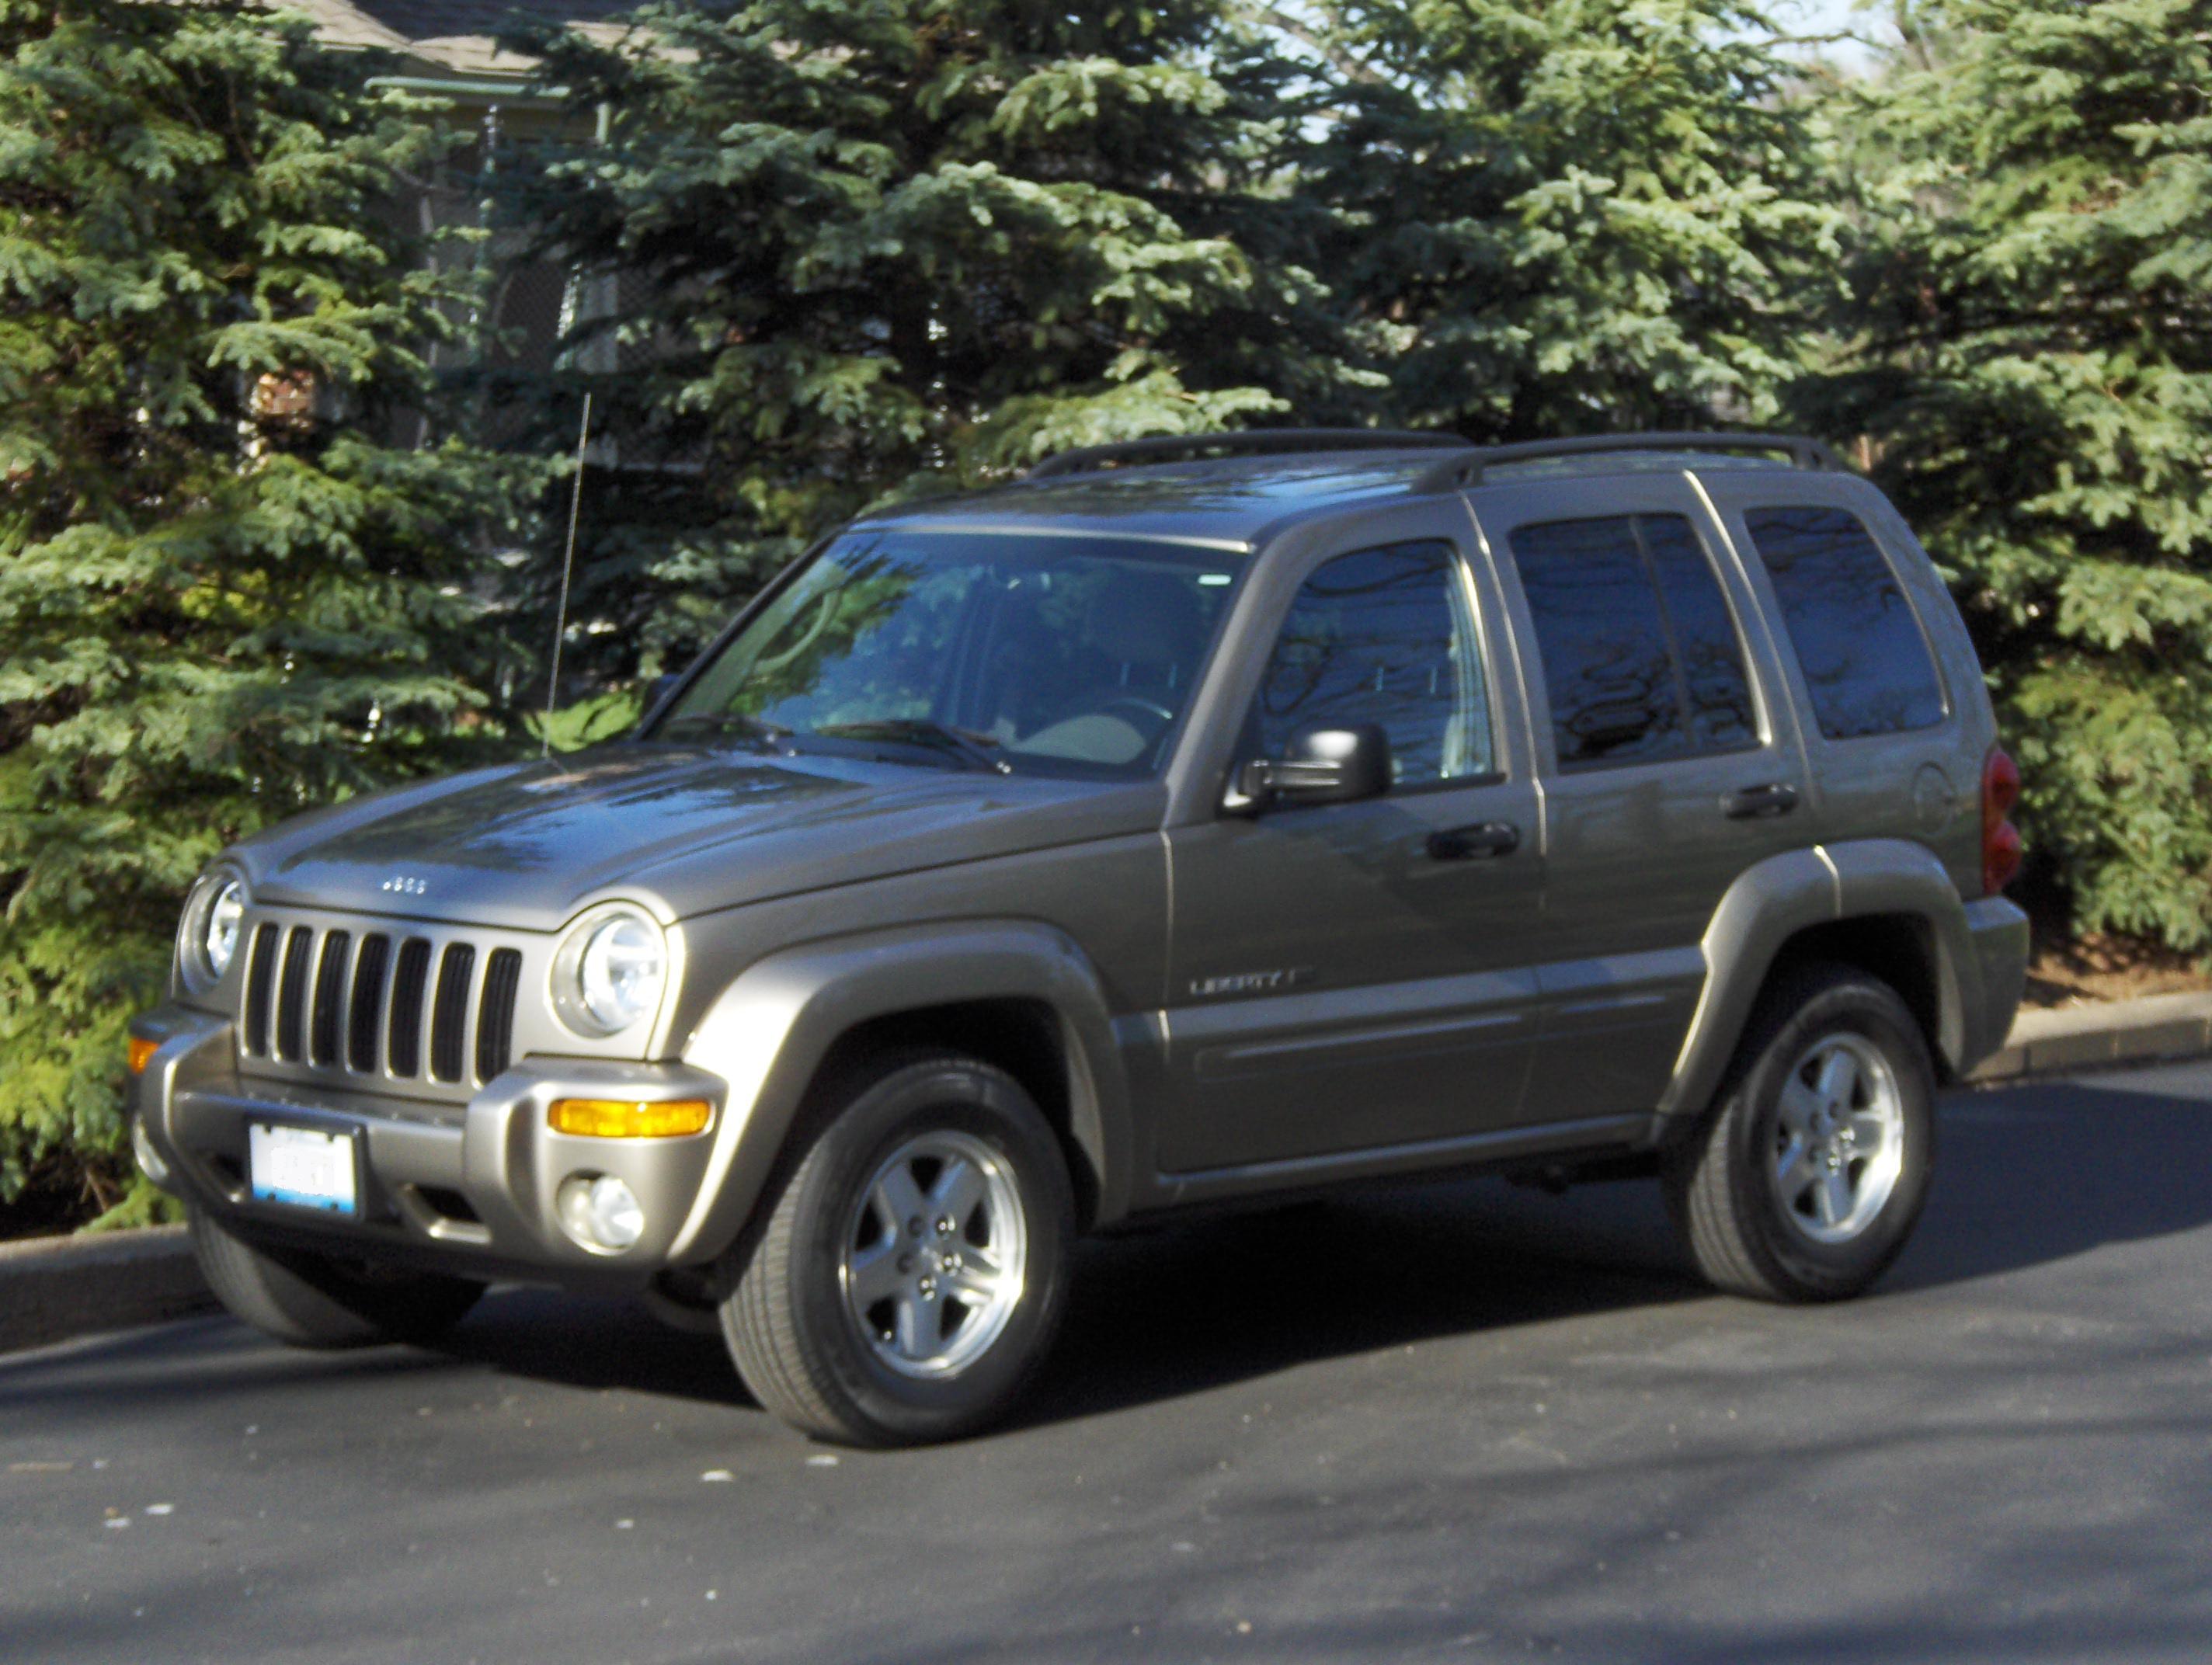 file:jeep liberty 03 khaki - wikimedia commons